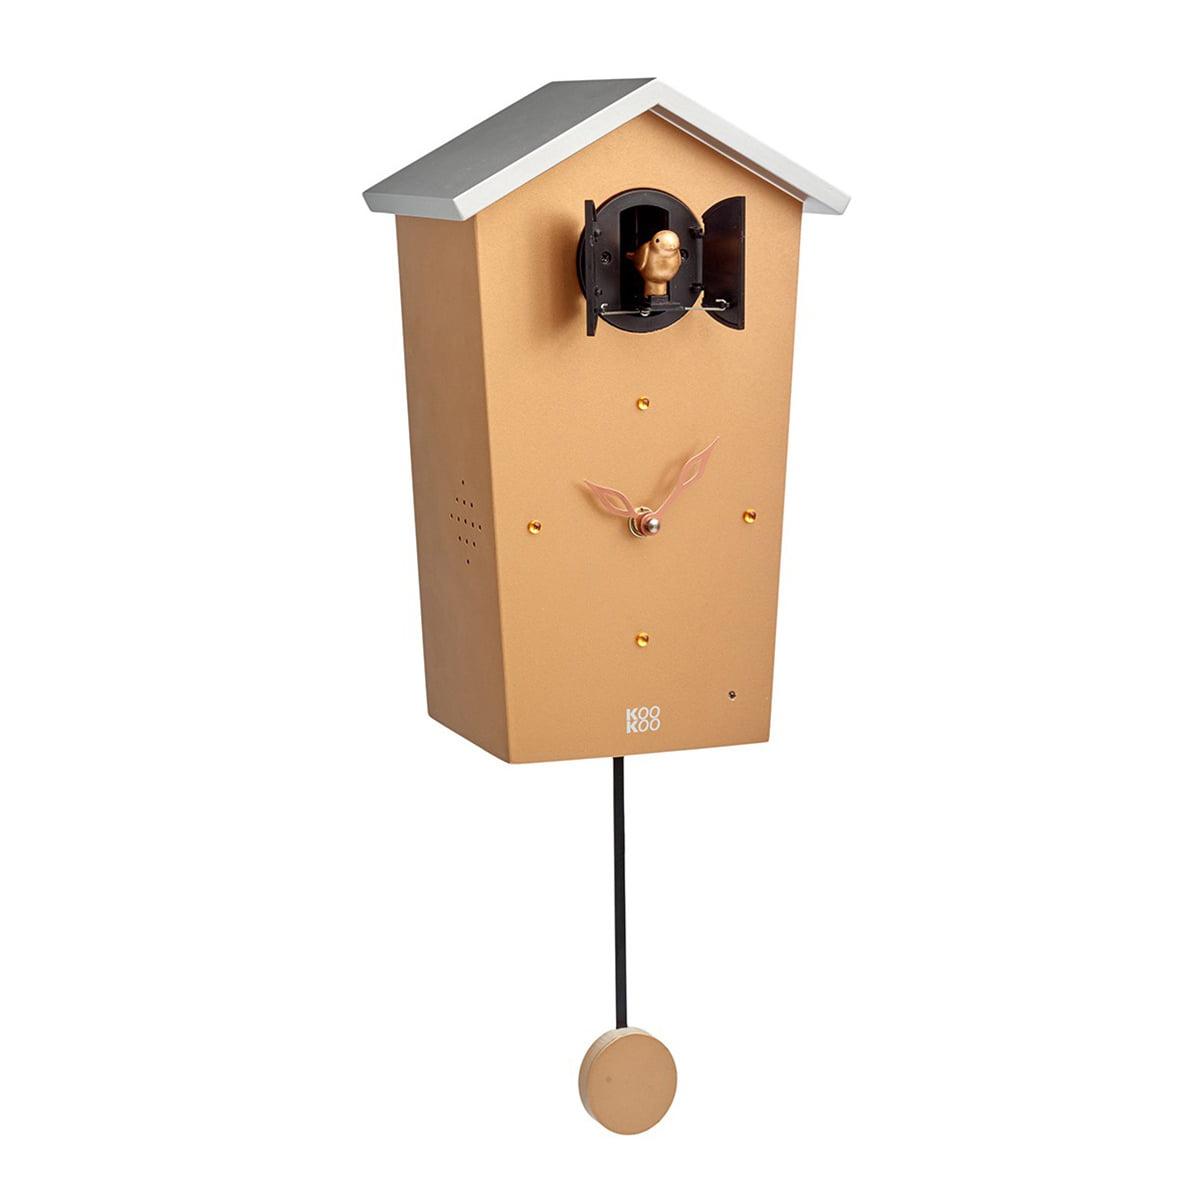 KooKoo - Bird House Kuckucksuhr, gold (Limited Edition) | Dekoration > Uhren > Kuckucksuhren | Gold | Mdf holz | KooKoo